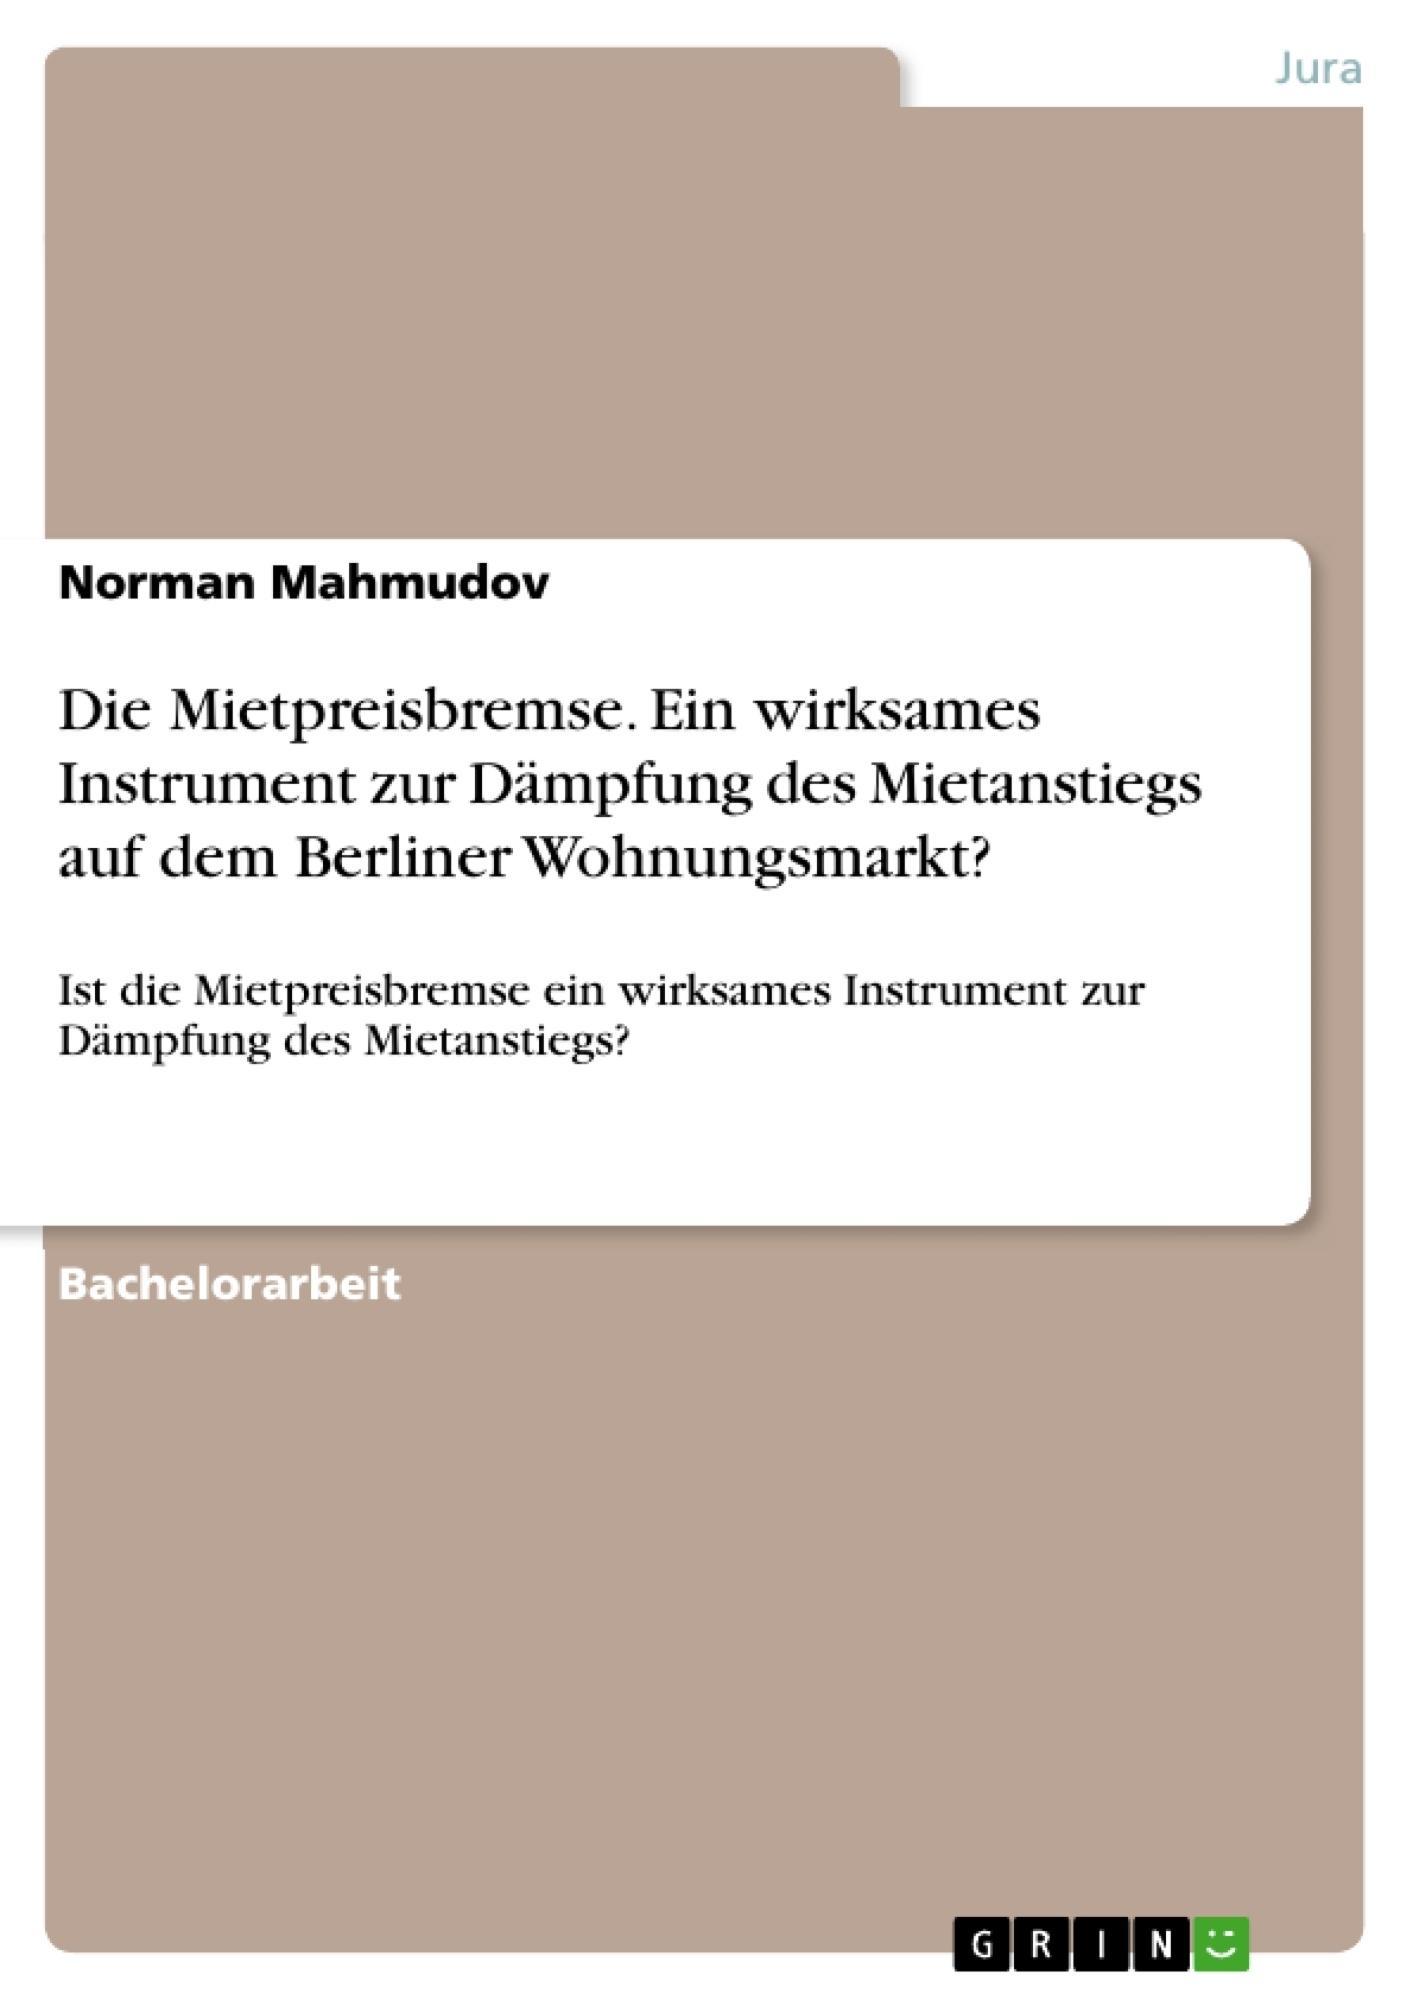 Titel: Die Mietpreisbremse. Ein wirksames Instrument zur Dämpfung des Mietanstiegs auf dem Berliner Wohnungsmarkt?